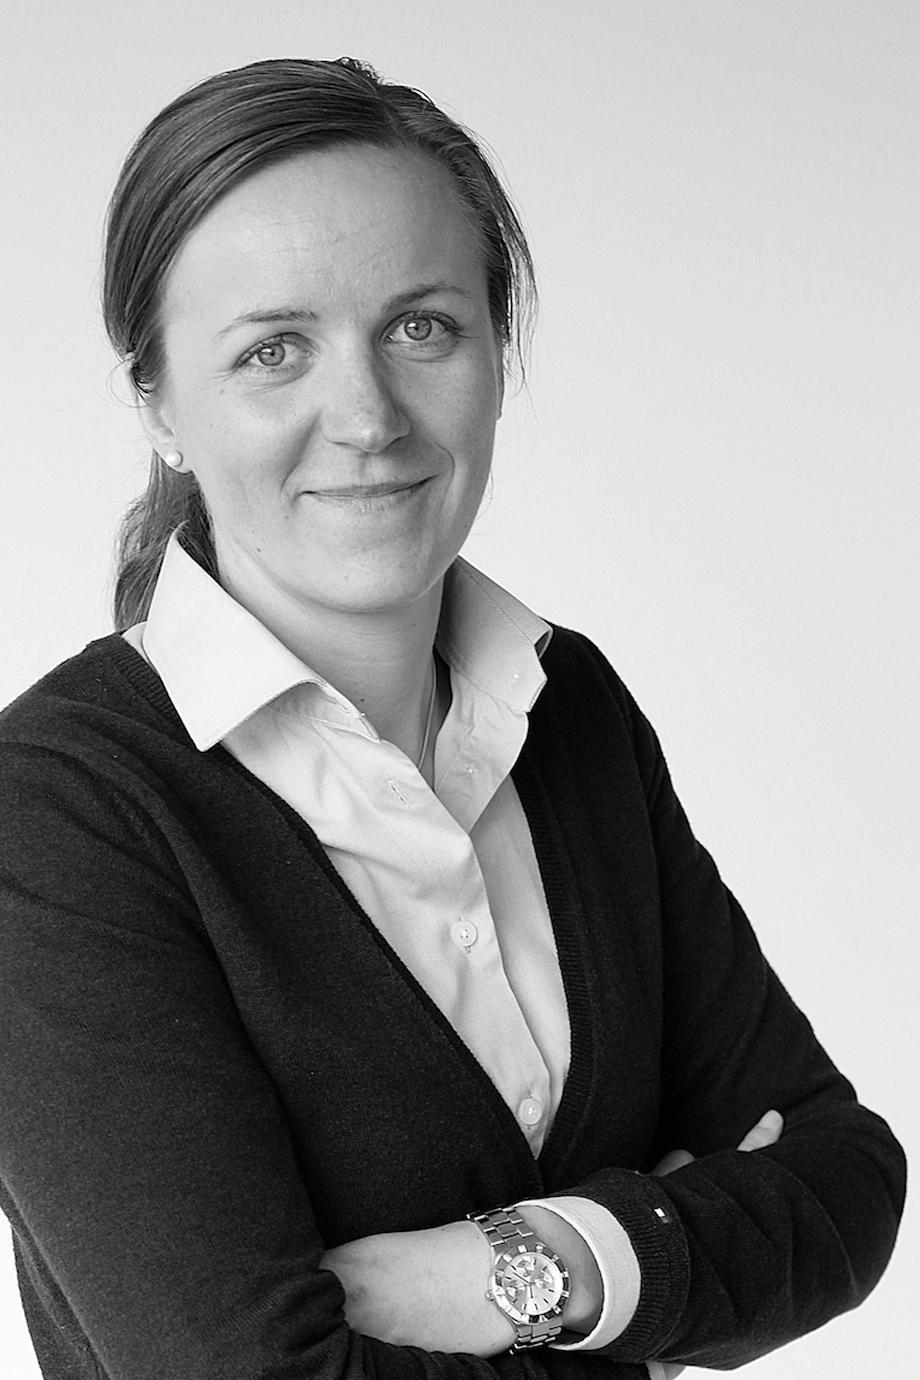 Hanna Paulamäki